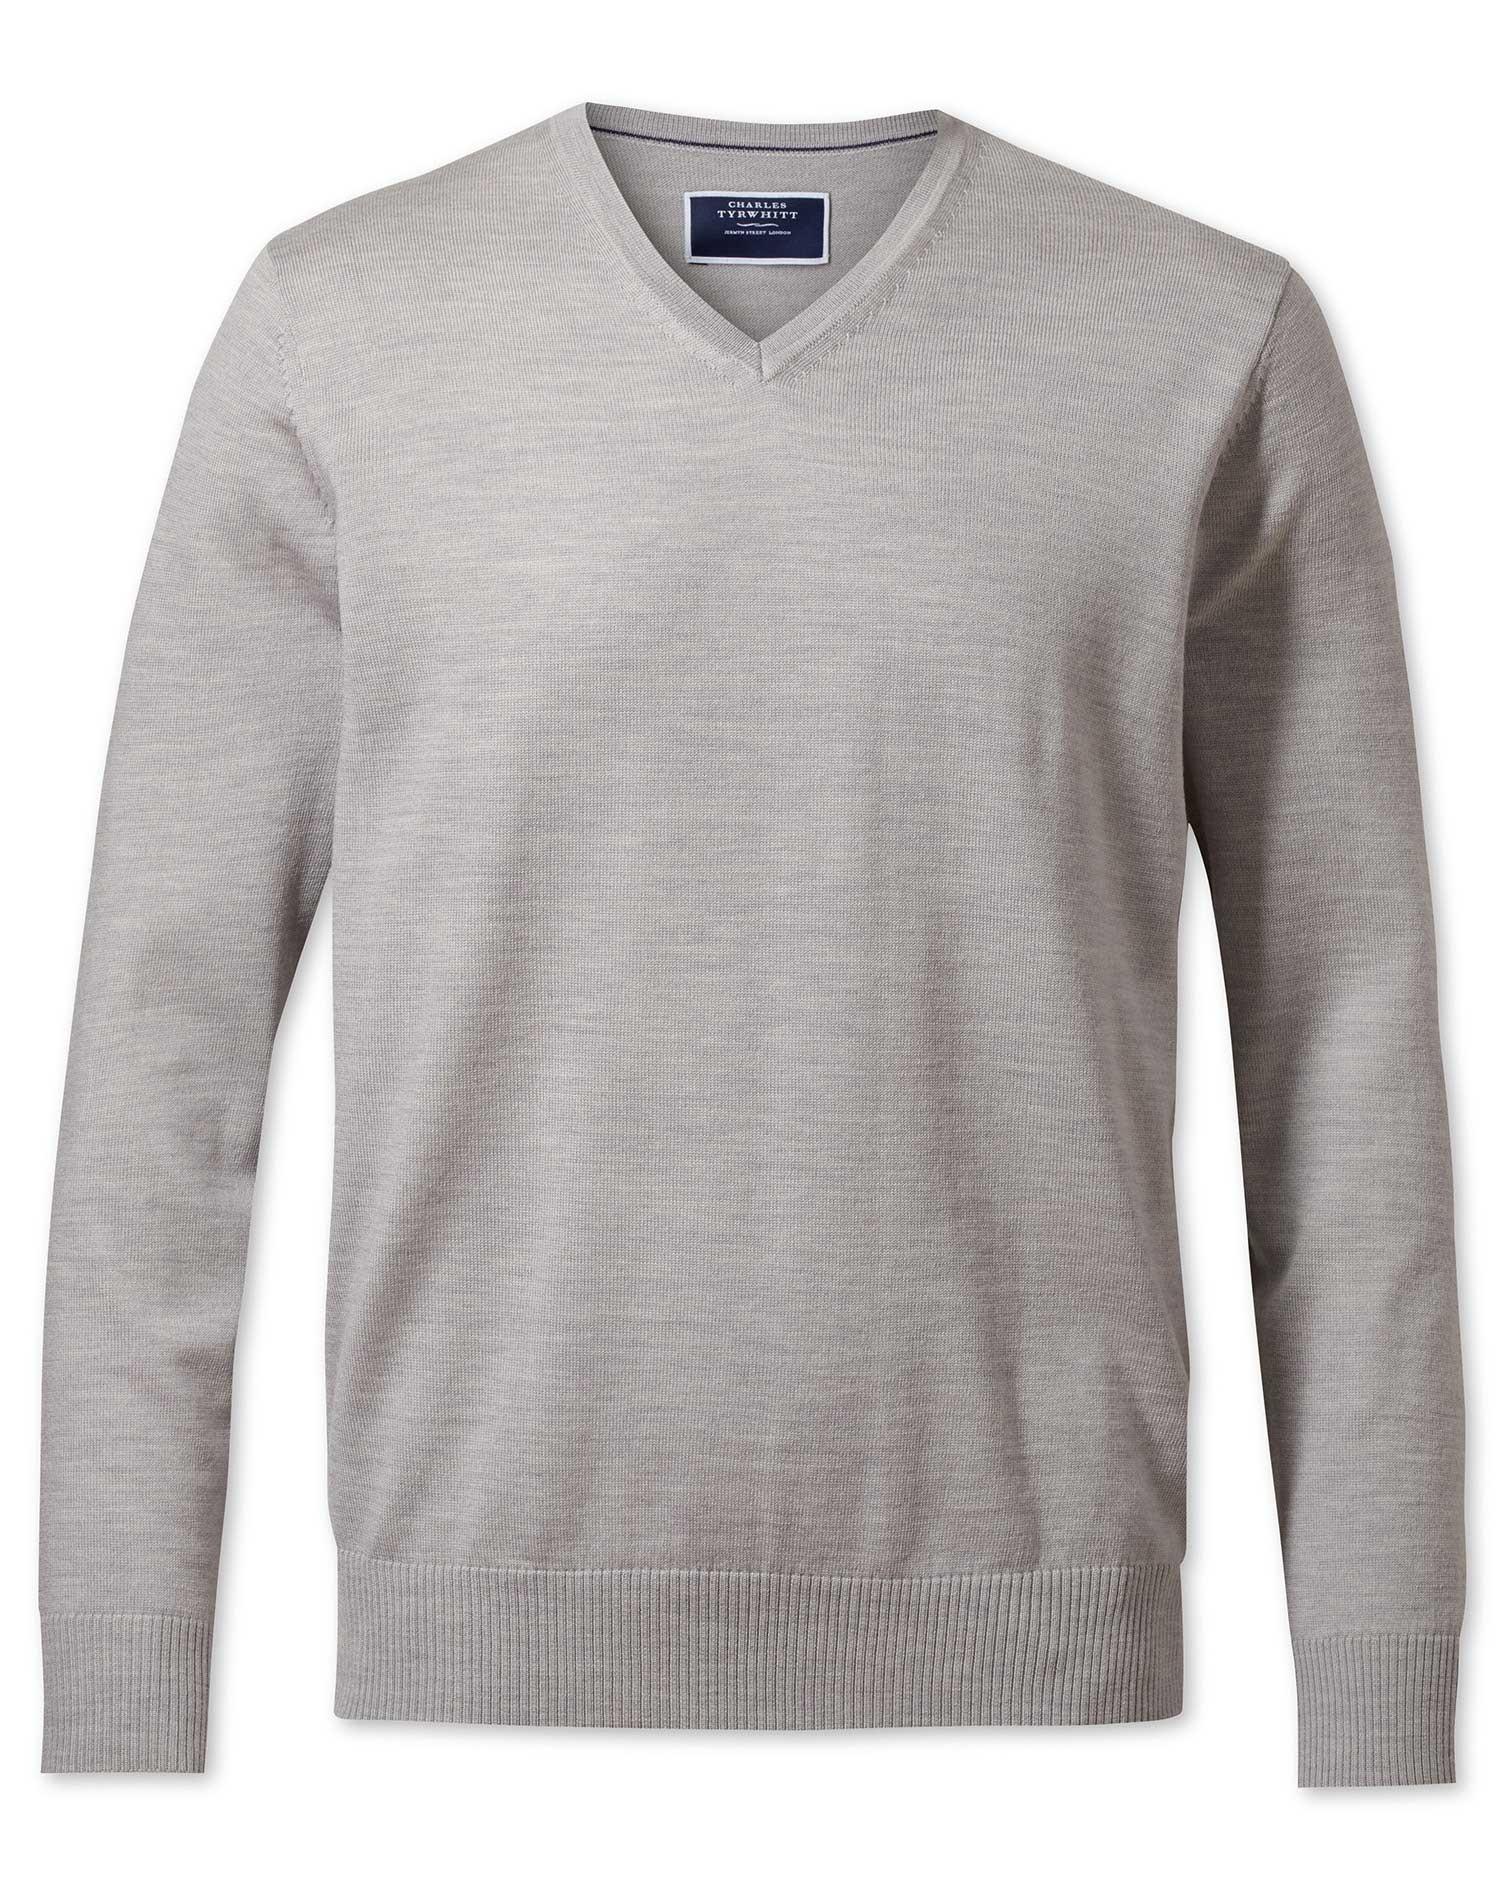 Silver Merino Wool V-Neck Jumper Size XXXL by Charles Tyrwhitt